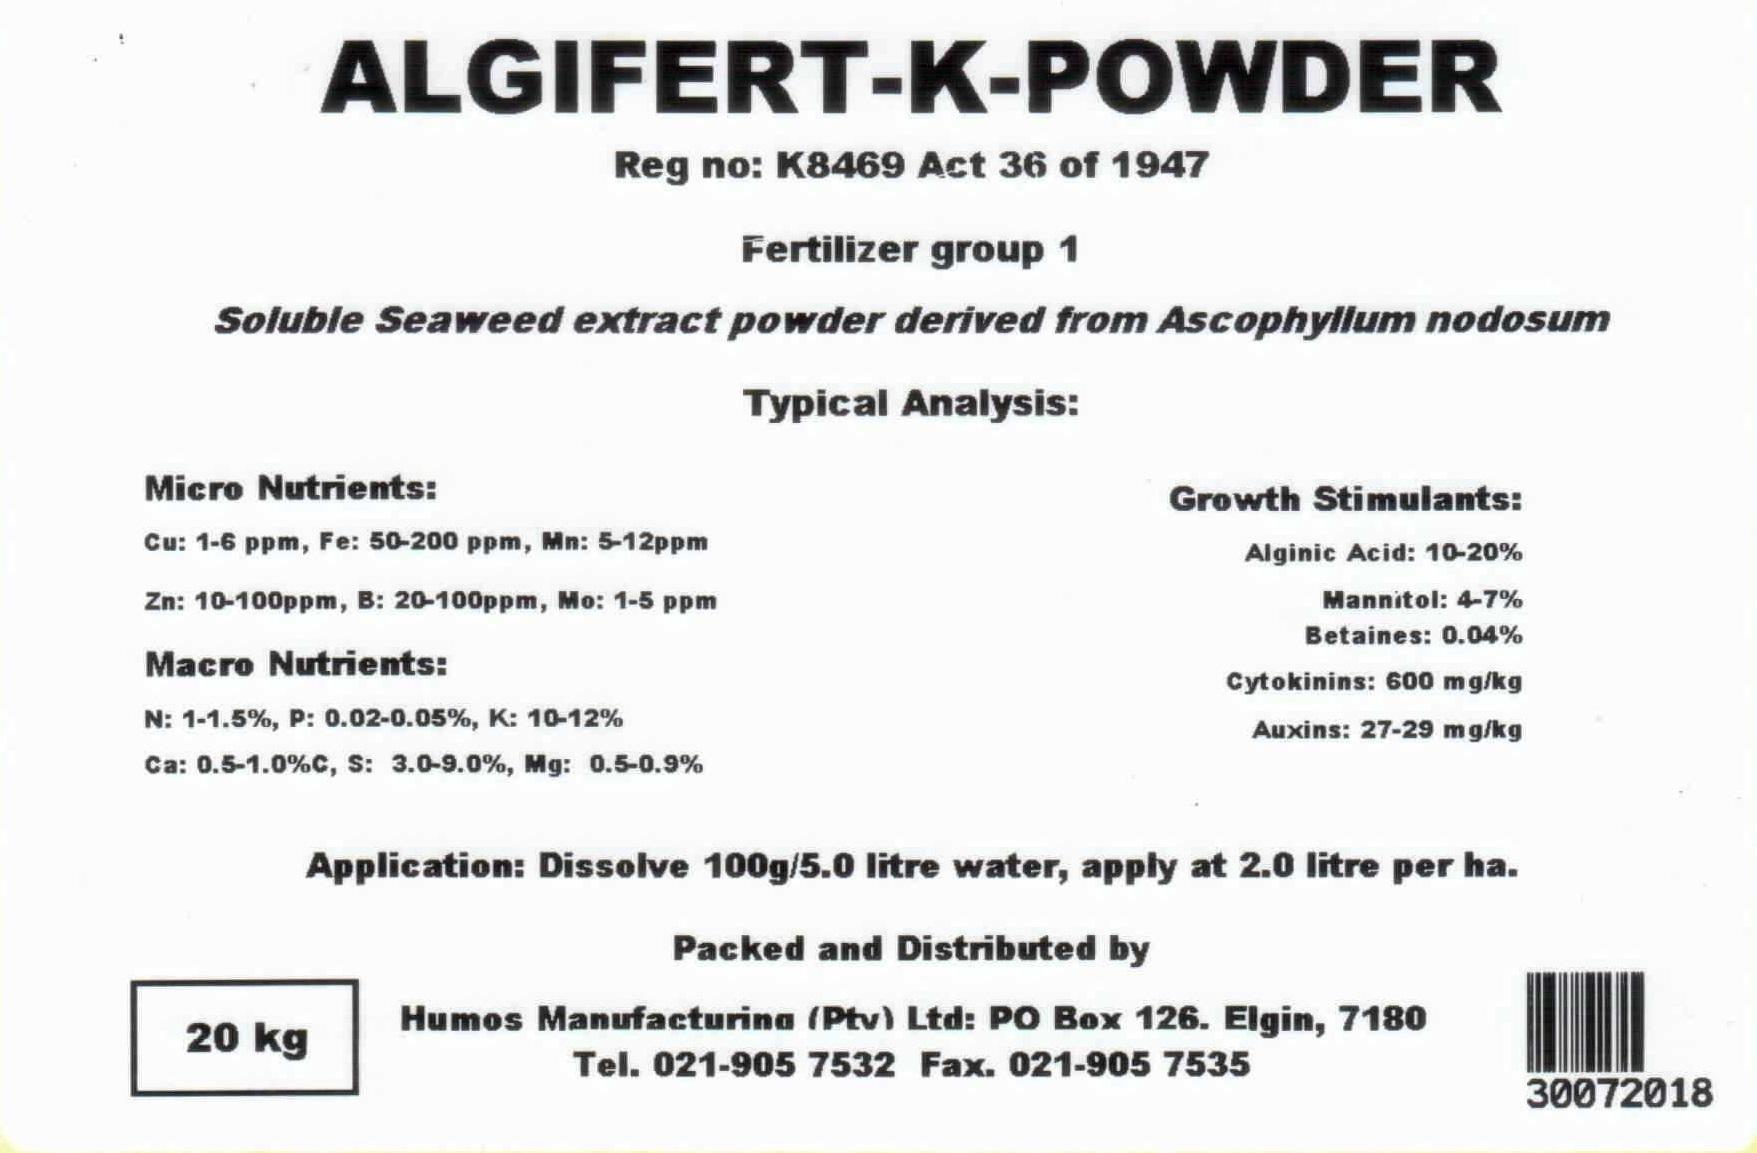 Algifert-k